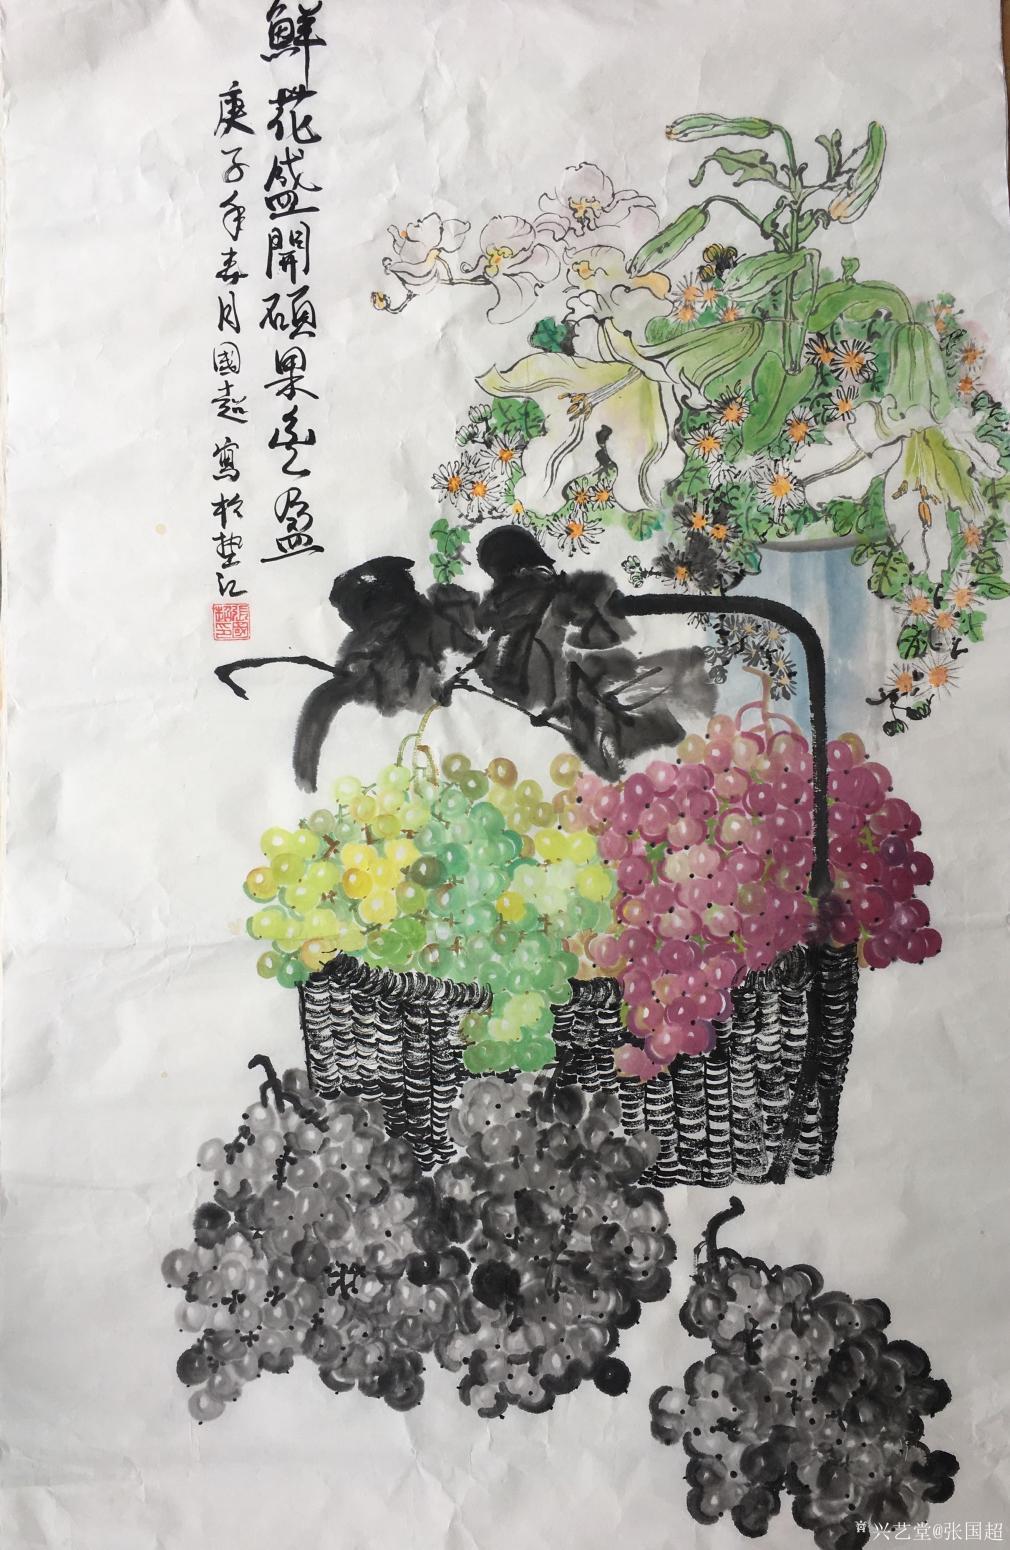 张国超国画作品《鲜花盛开硕果丰盈》【图0】